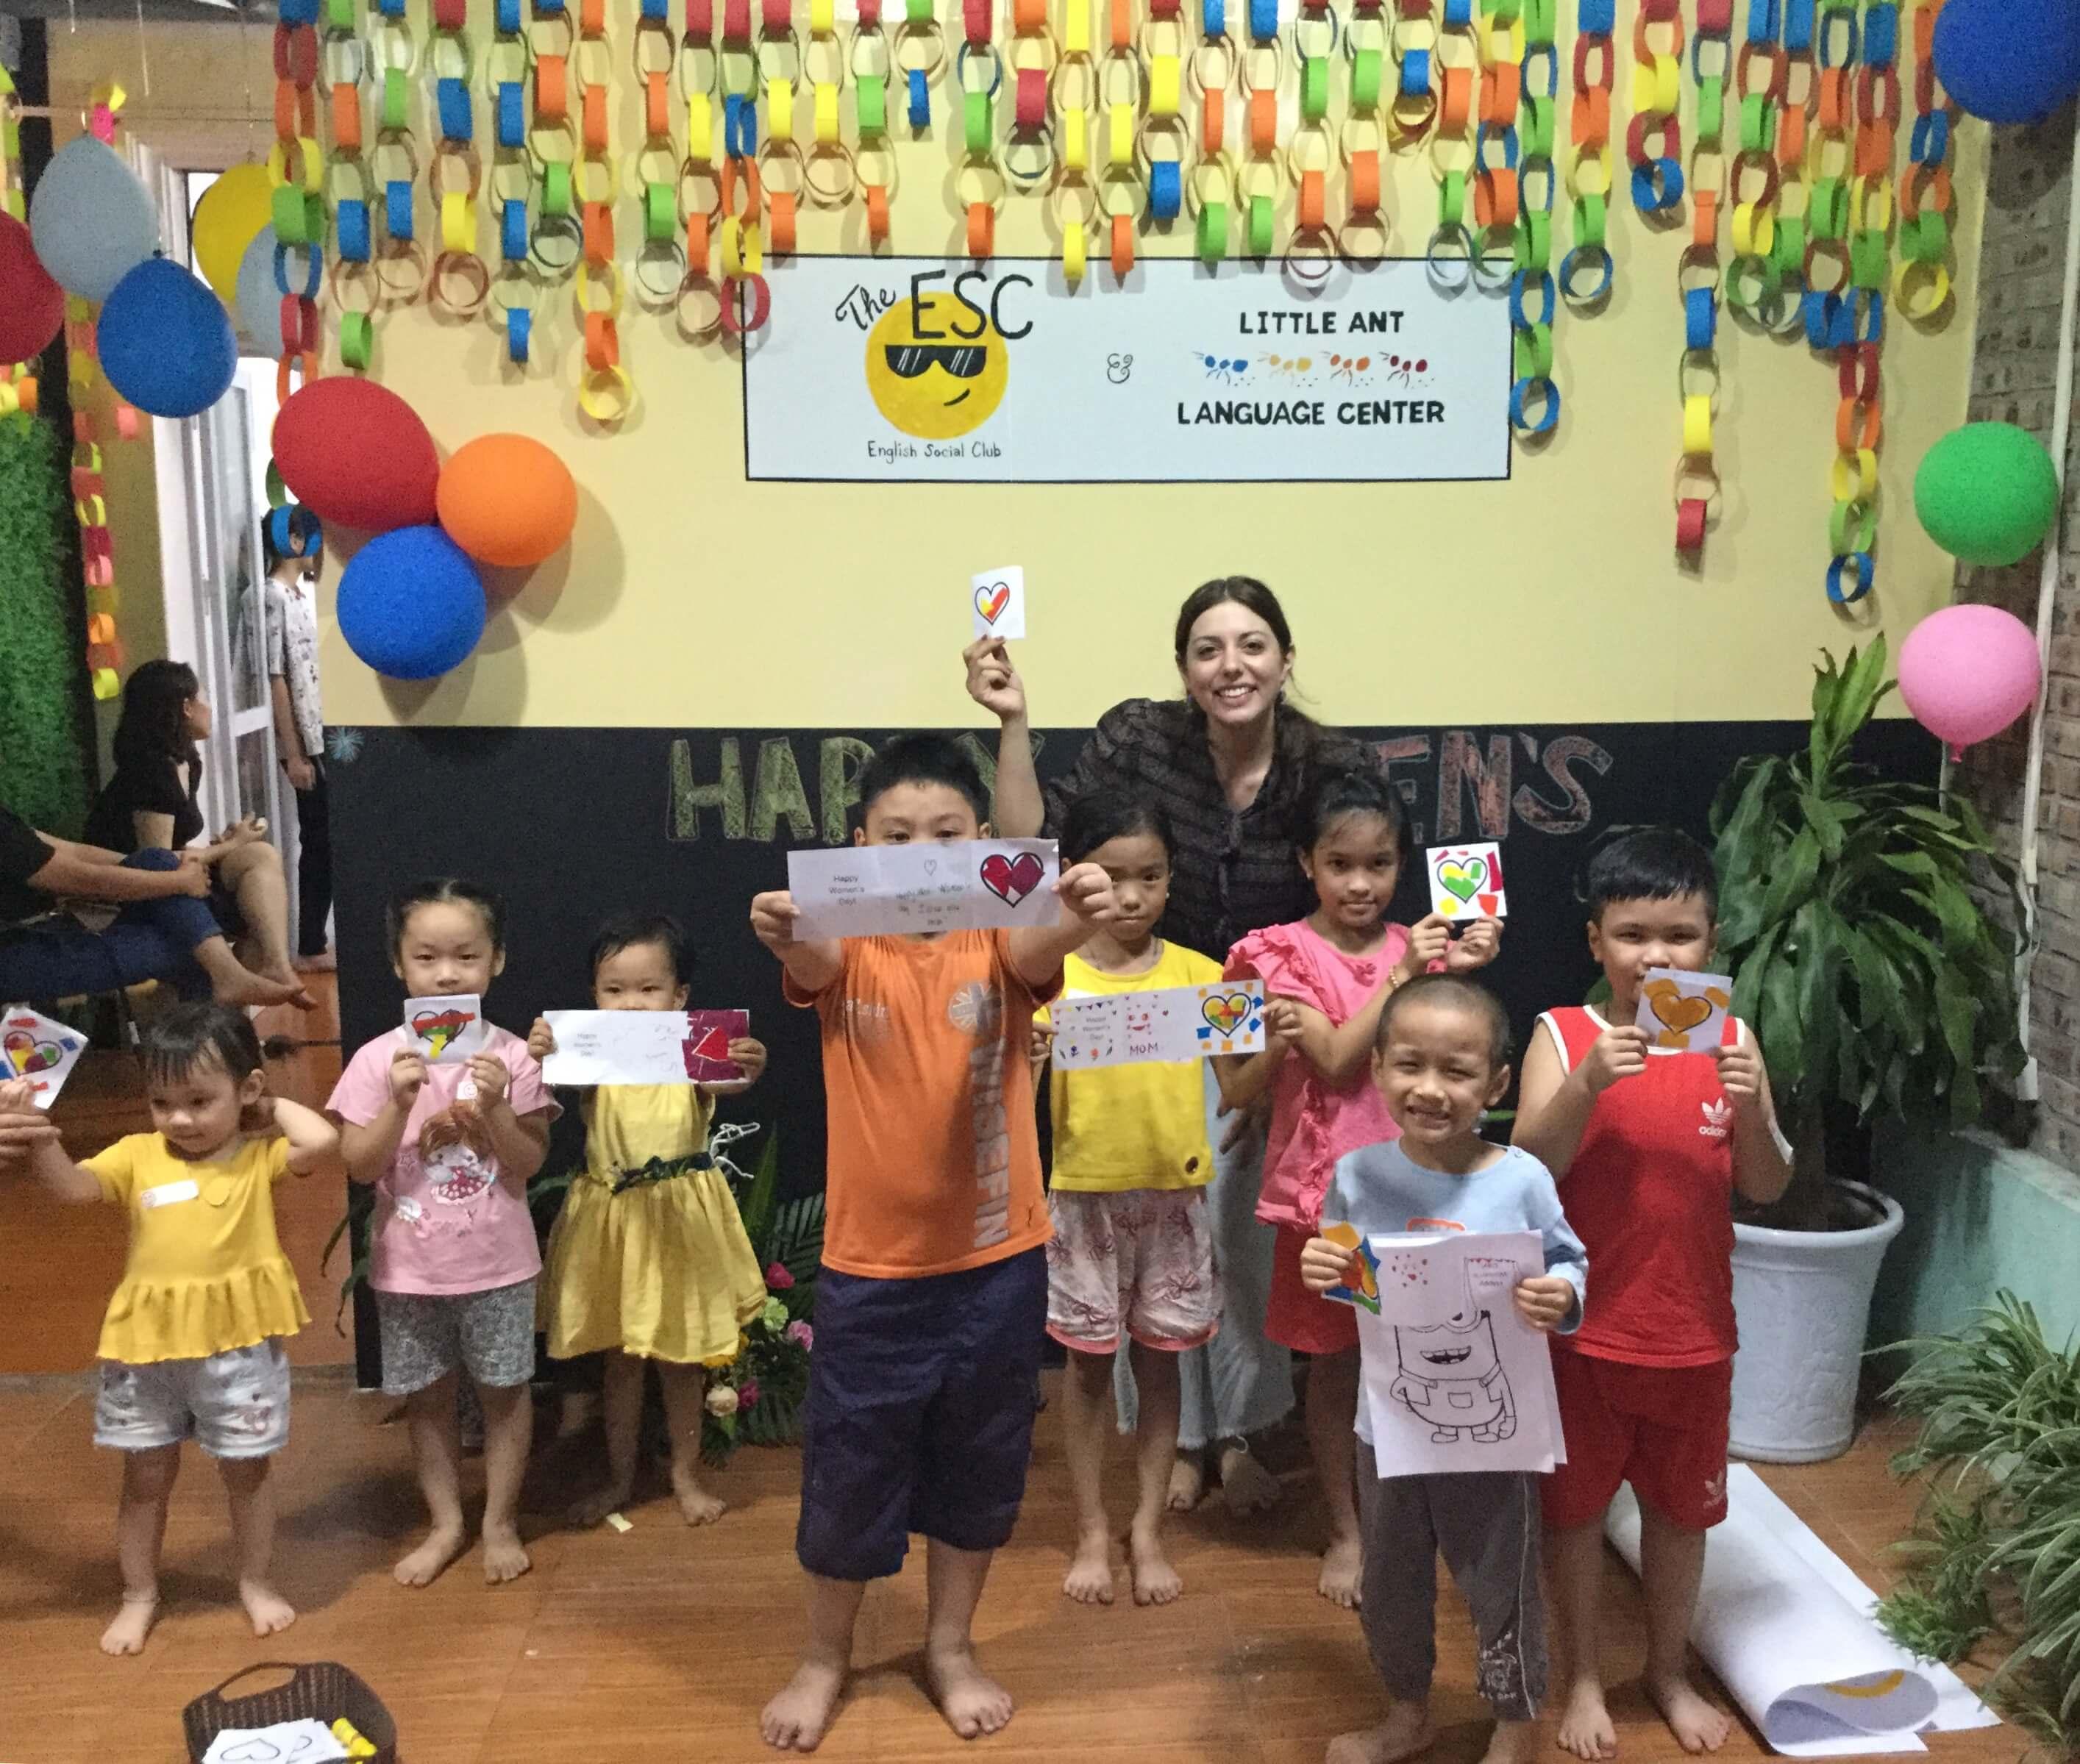 Bridge grad Chelsea Olivias at an English center in Hanoi, Vietnam